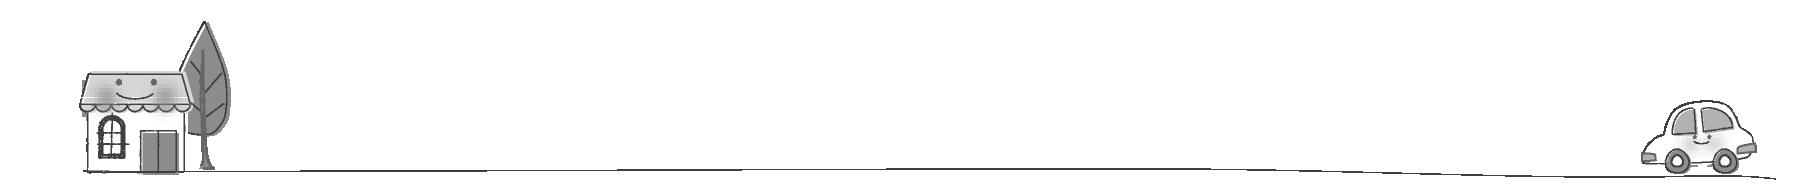 「仕切り線 フリー イラスト」の画像検索結果